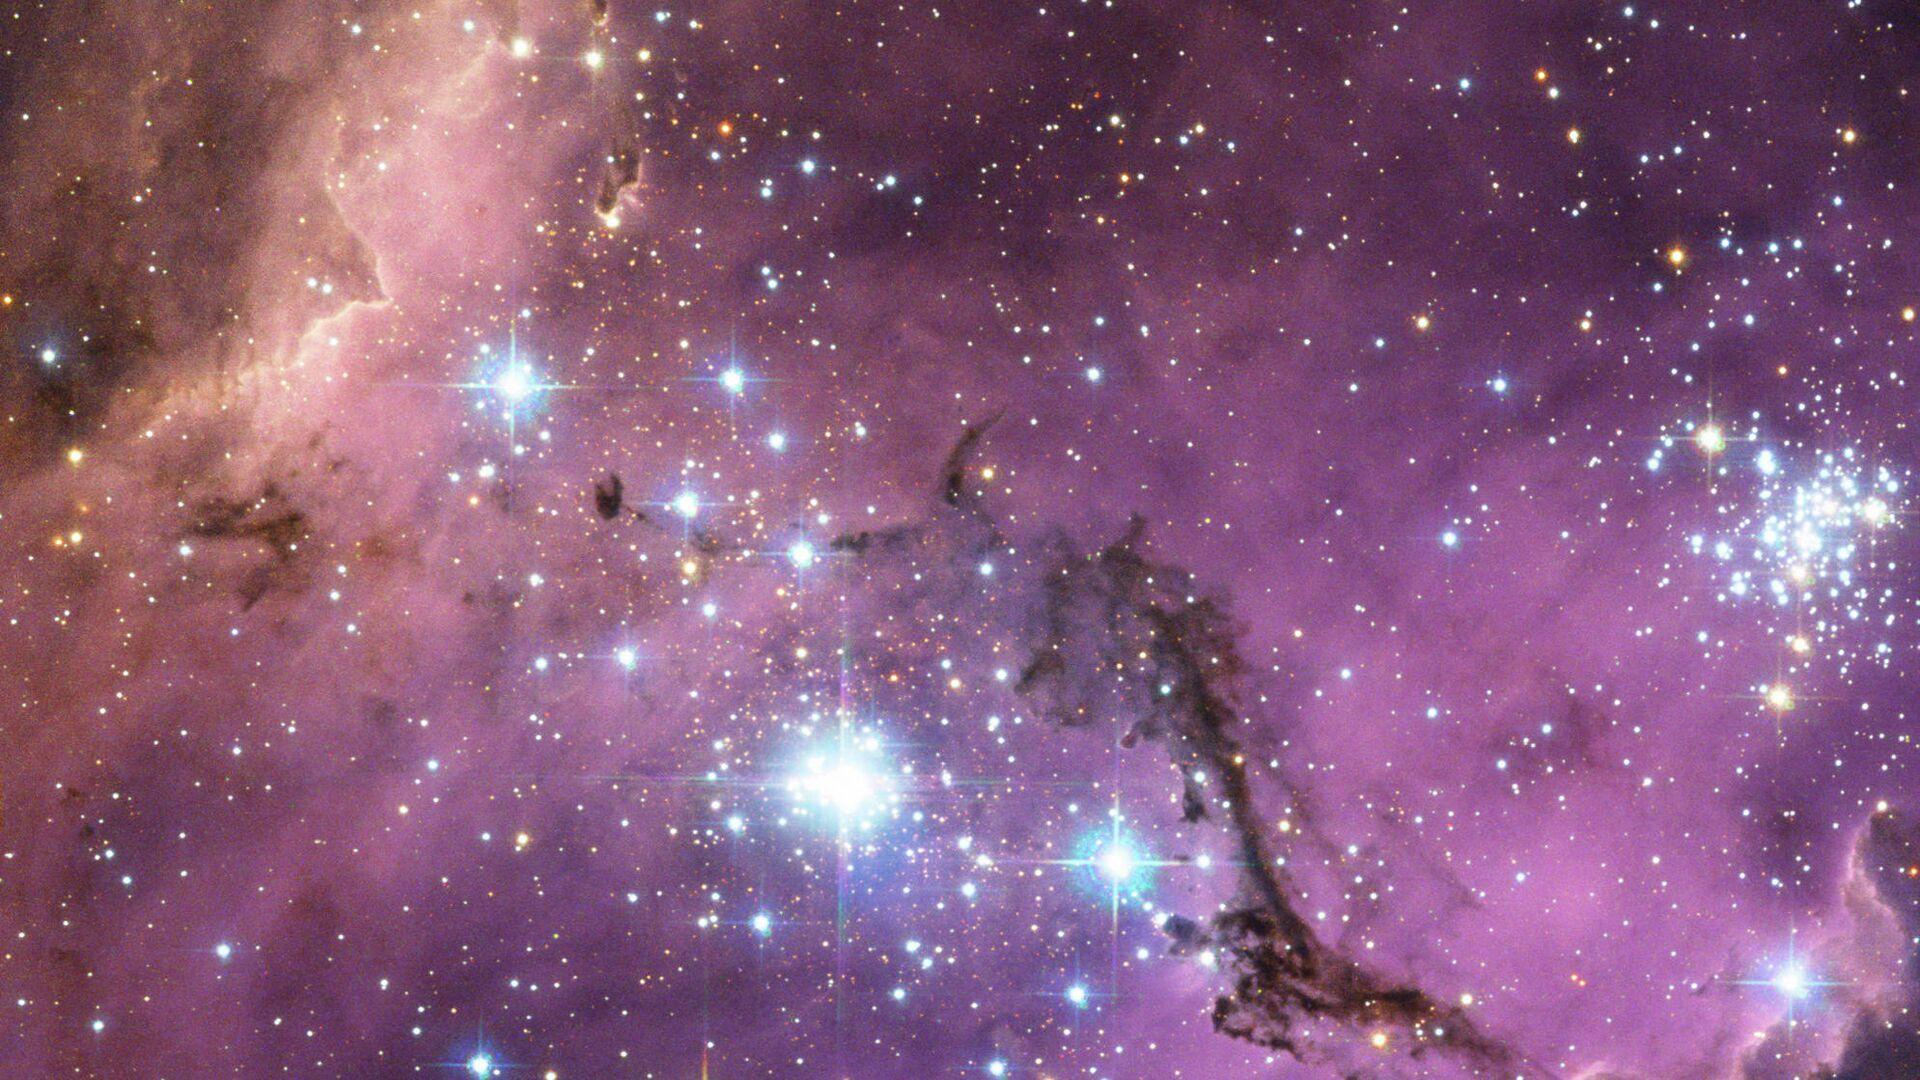 Ученые выяснили, что наша Галактика вытягивается и скручивается